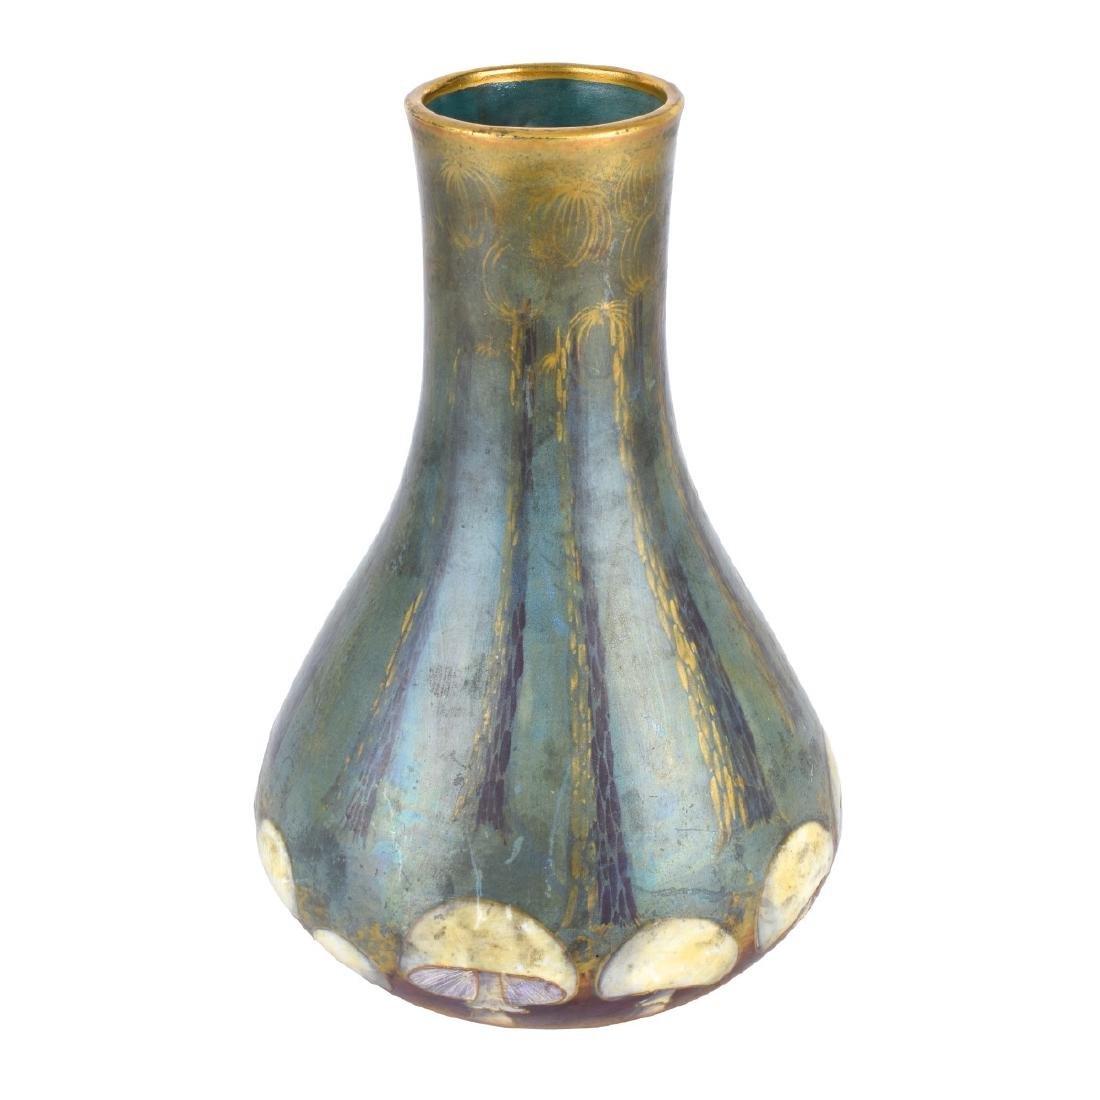 Amphora Turn Teplitz Mushroom Pottery Vase - 2